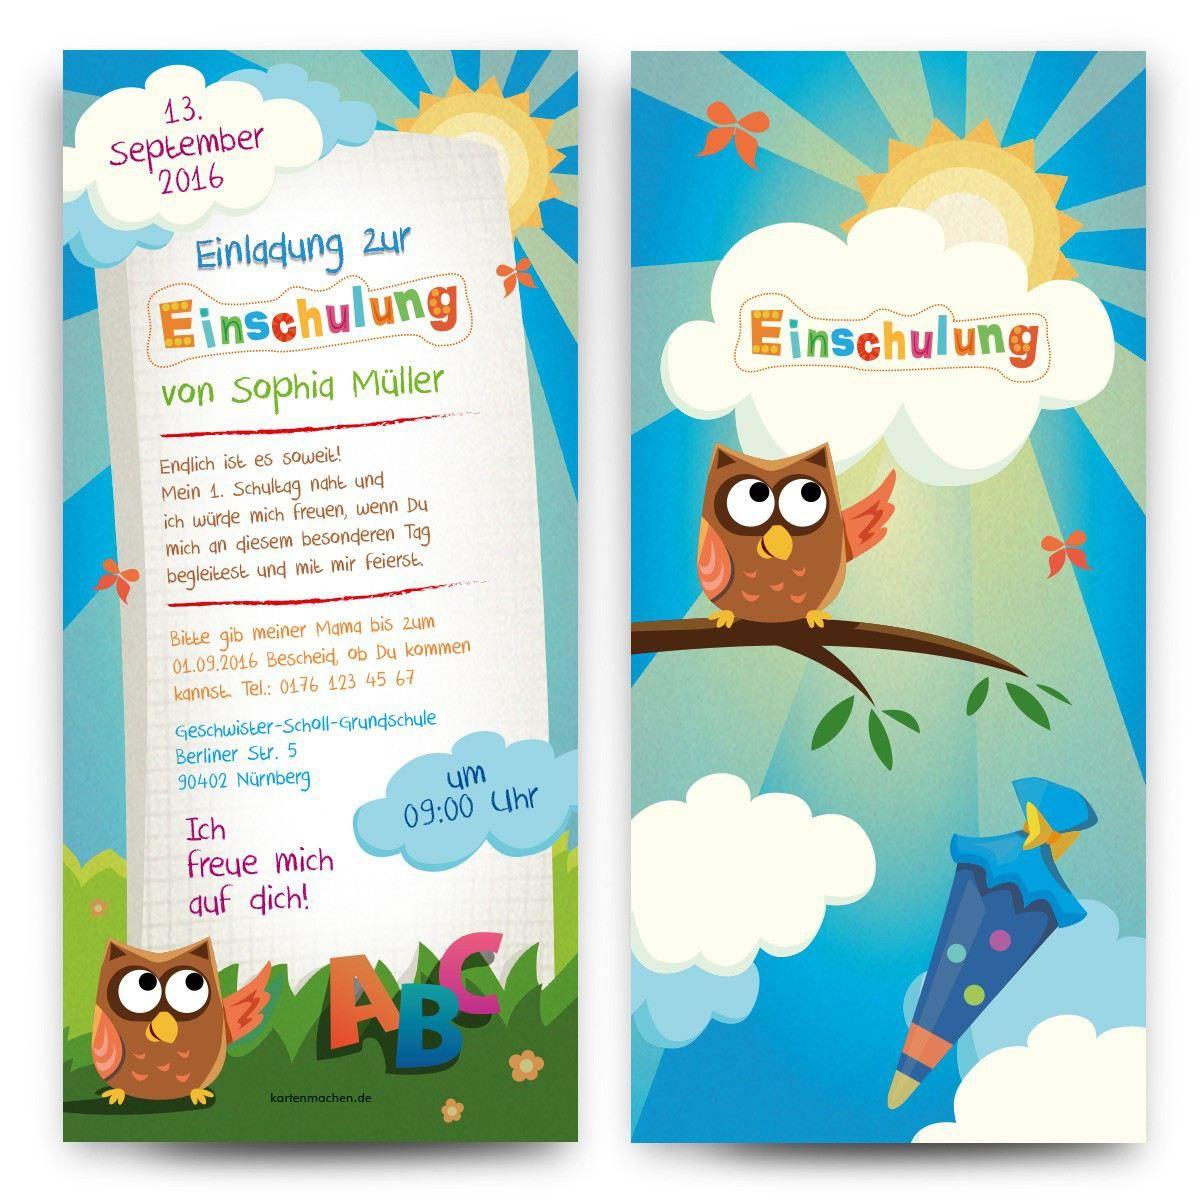 Einladungskarten Geburtstag Kostenlos Gestalten : Einladungskarten  Geburtstag Kostenlos Gestalten Und Ausdrucken   Online Einladungskarten    Online